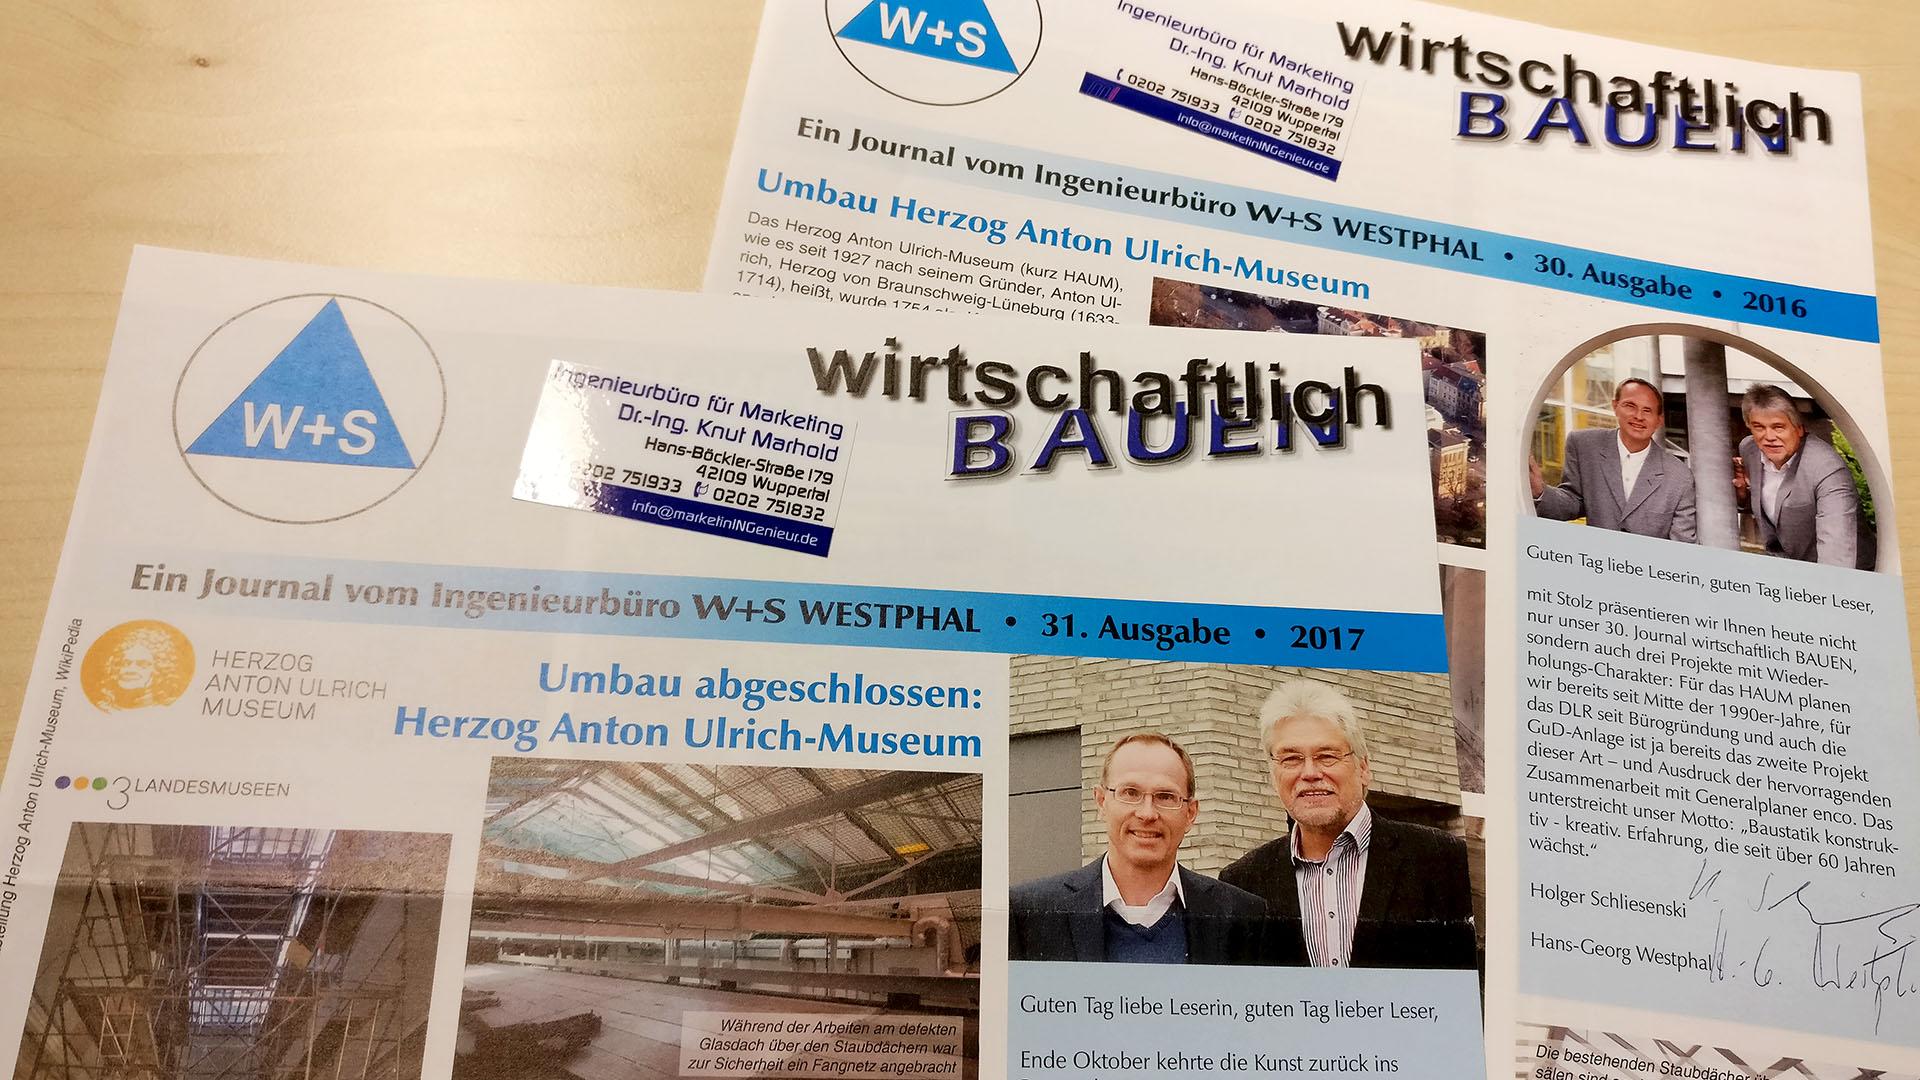 KundenJournal W+S WESTPHAL Ingenieurbüro für Bautechnik - wirtschaftlich BAUEN